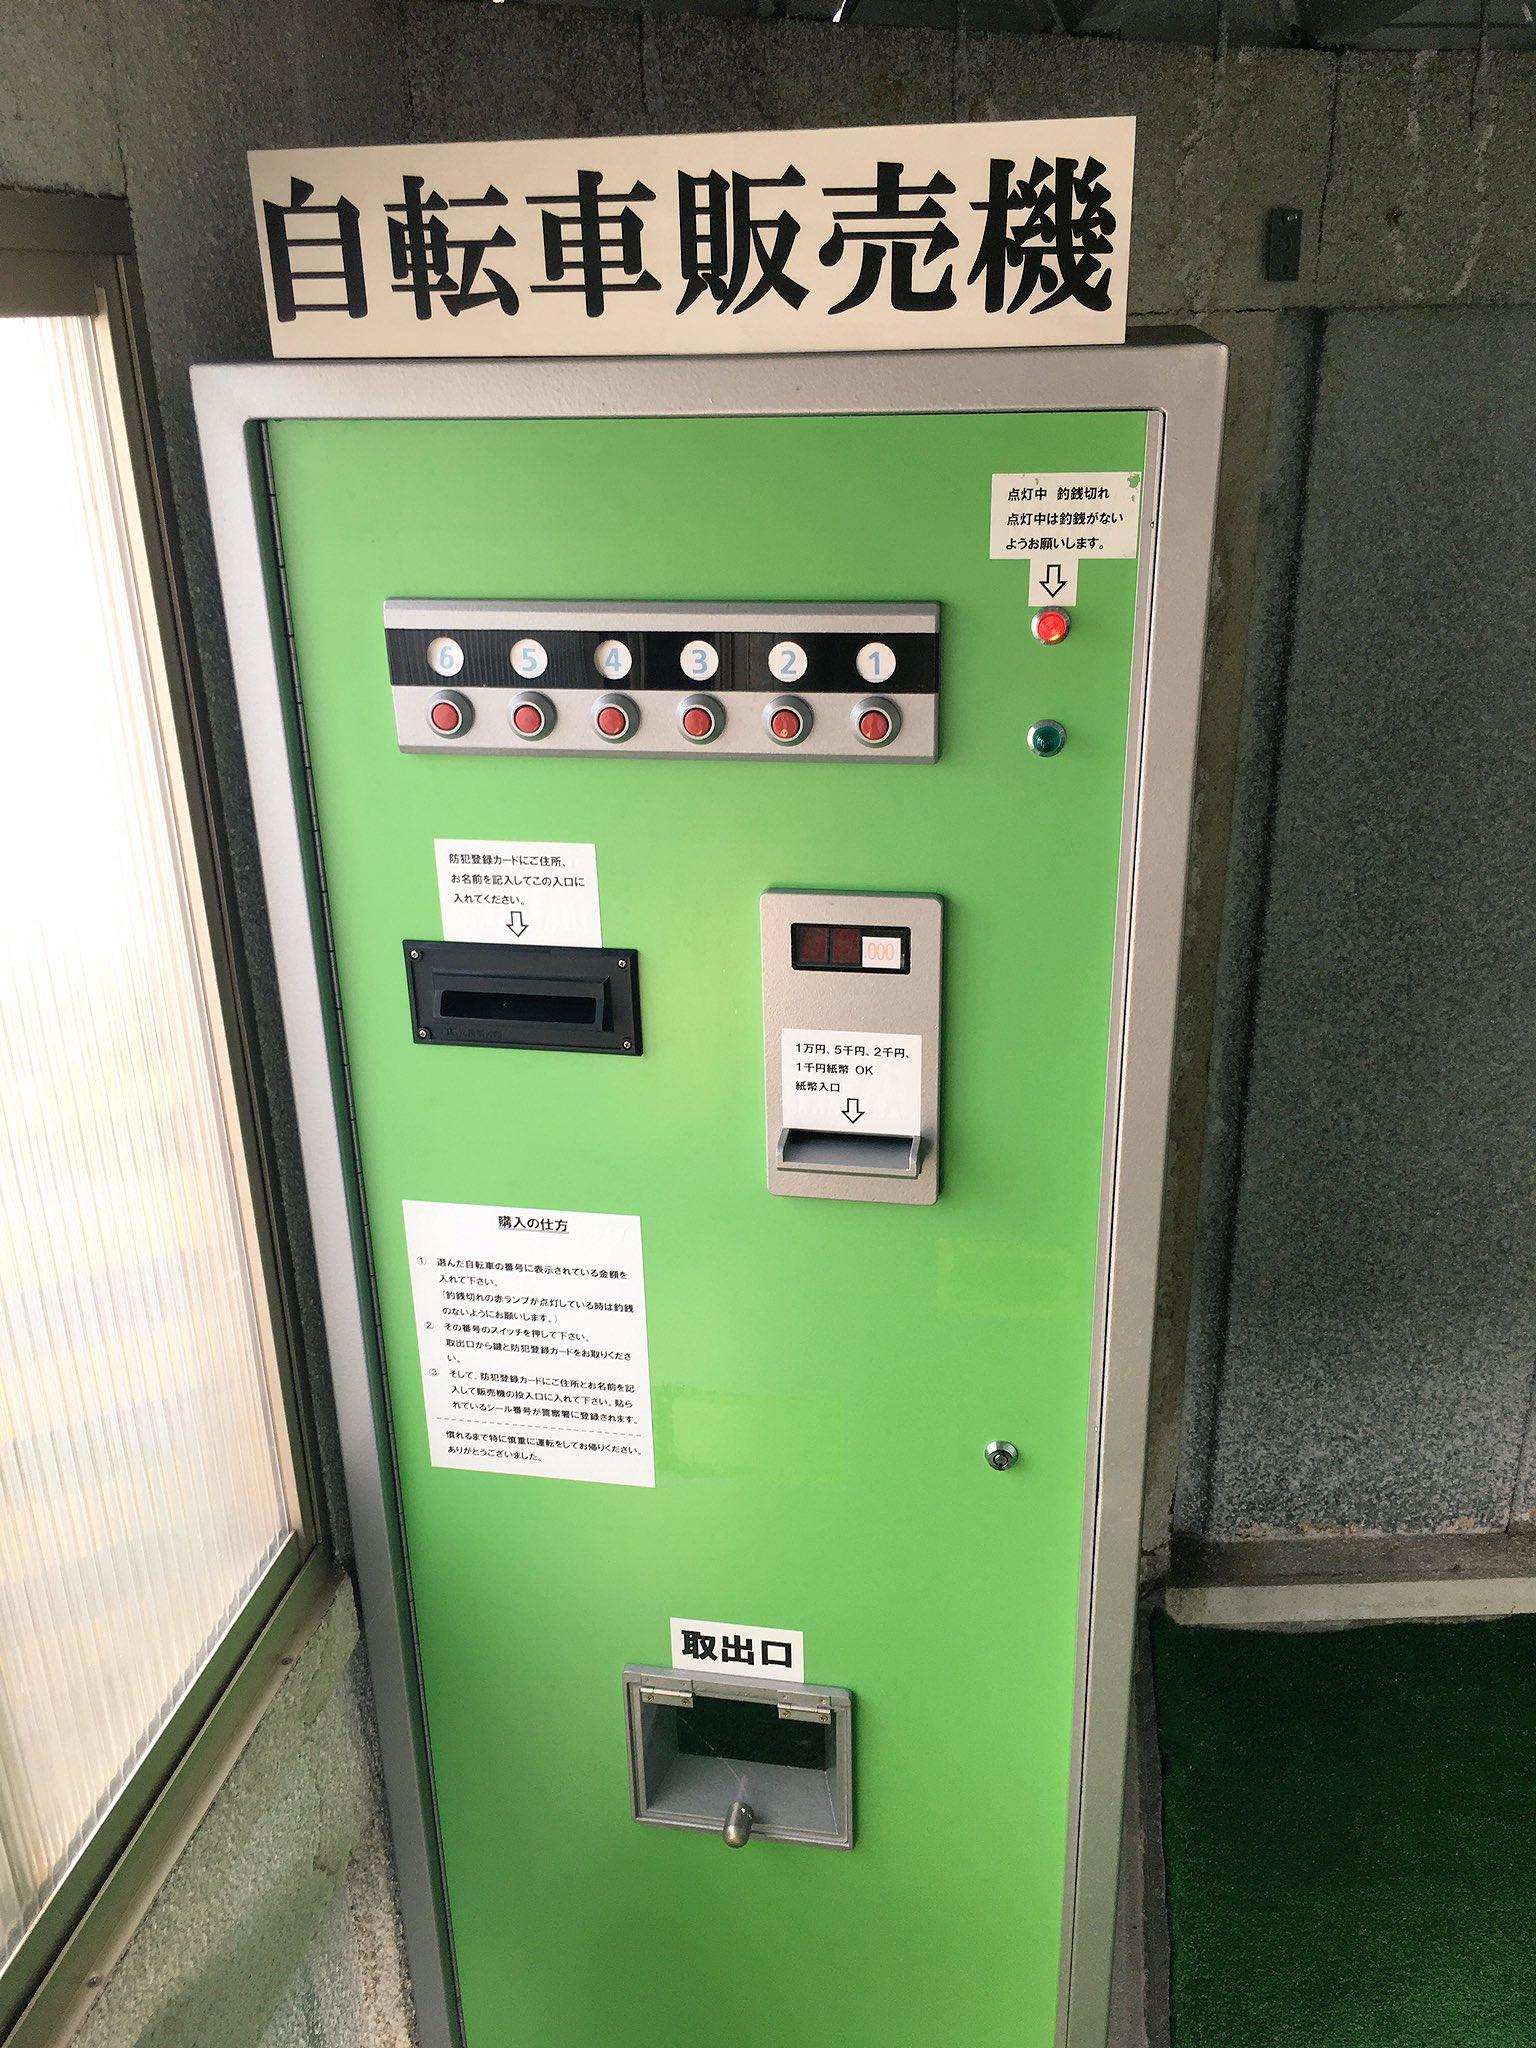 レンタルじゃないの!?富山に\u201c自転車\u201dの自販機がある件www